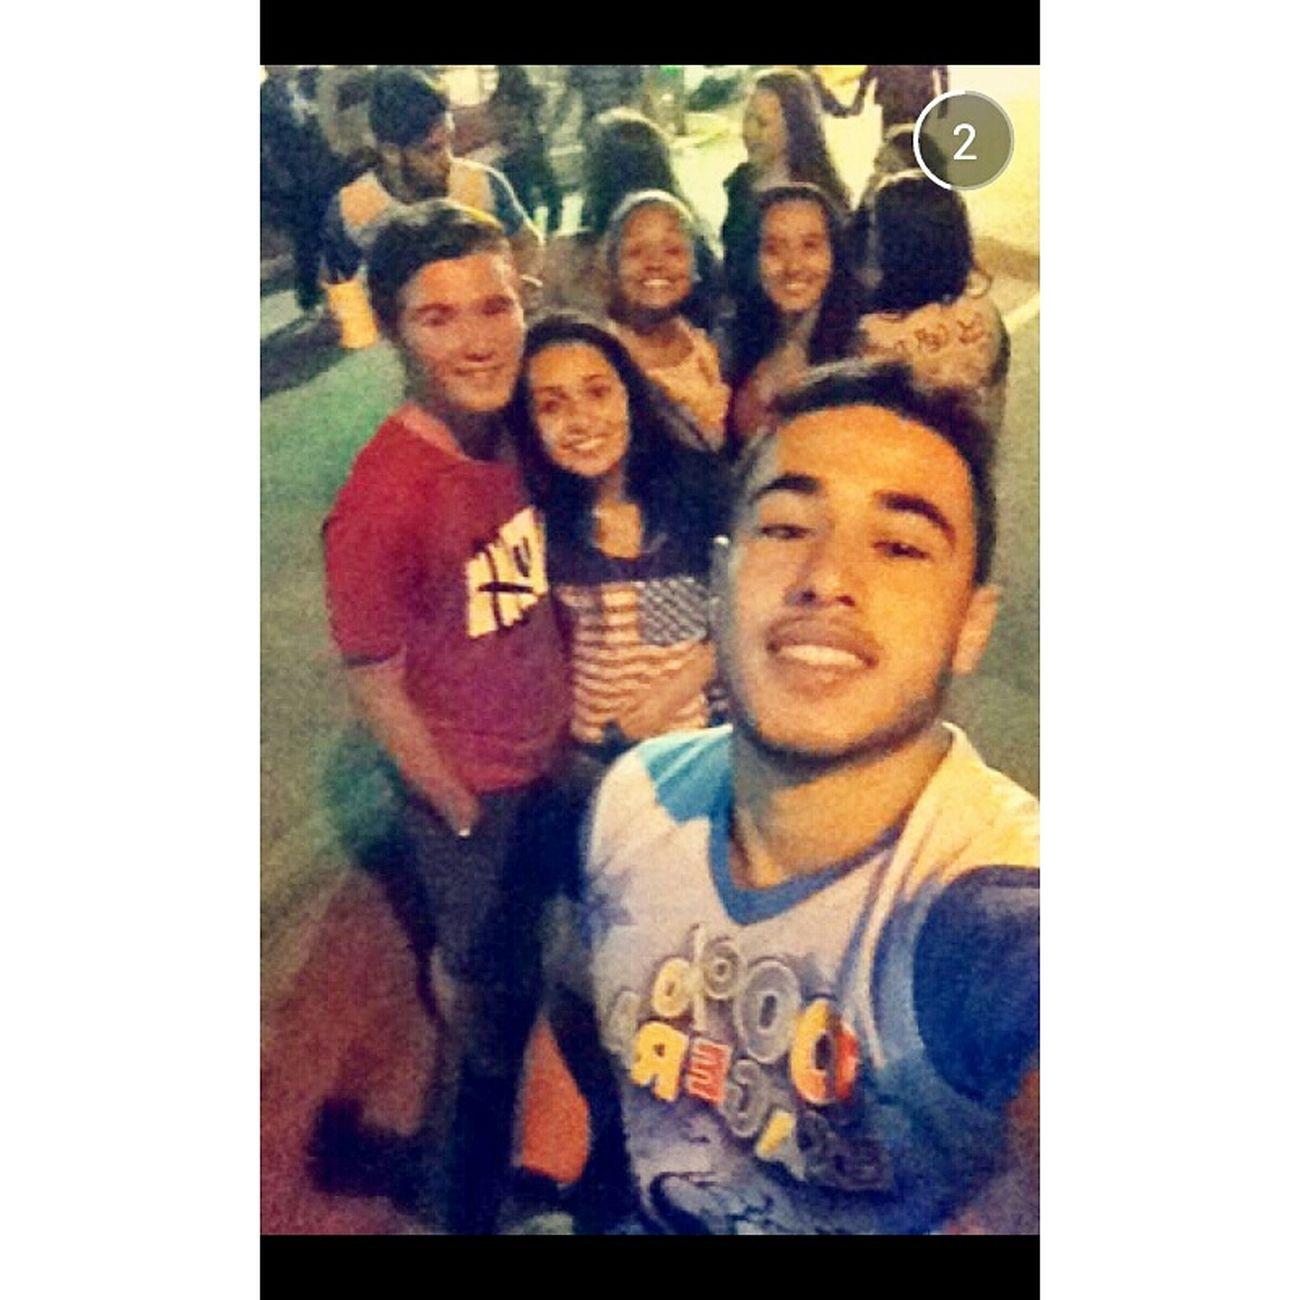 Lovesmeus Bestfriends <3 Melhores Tudonosso Semprenósnuncaeles Carnaval2015 Melhornoite DeOntem😍💕😊👌